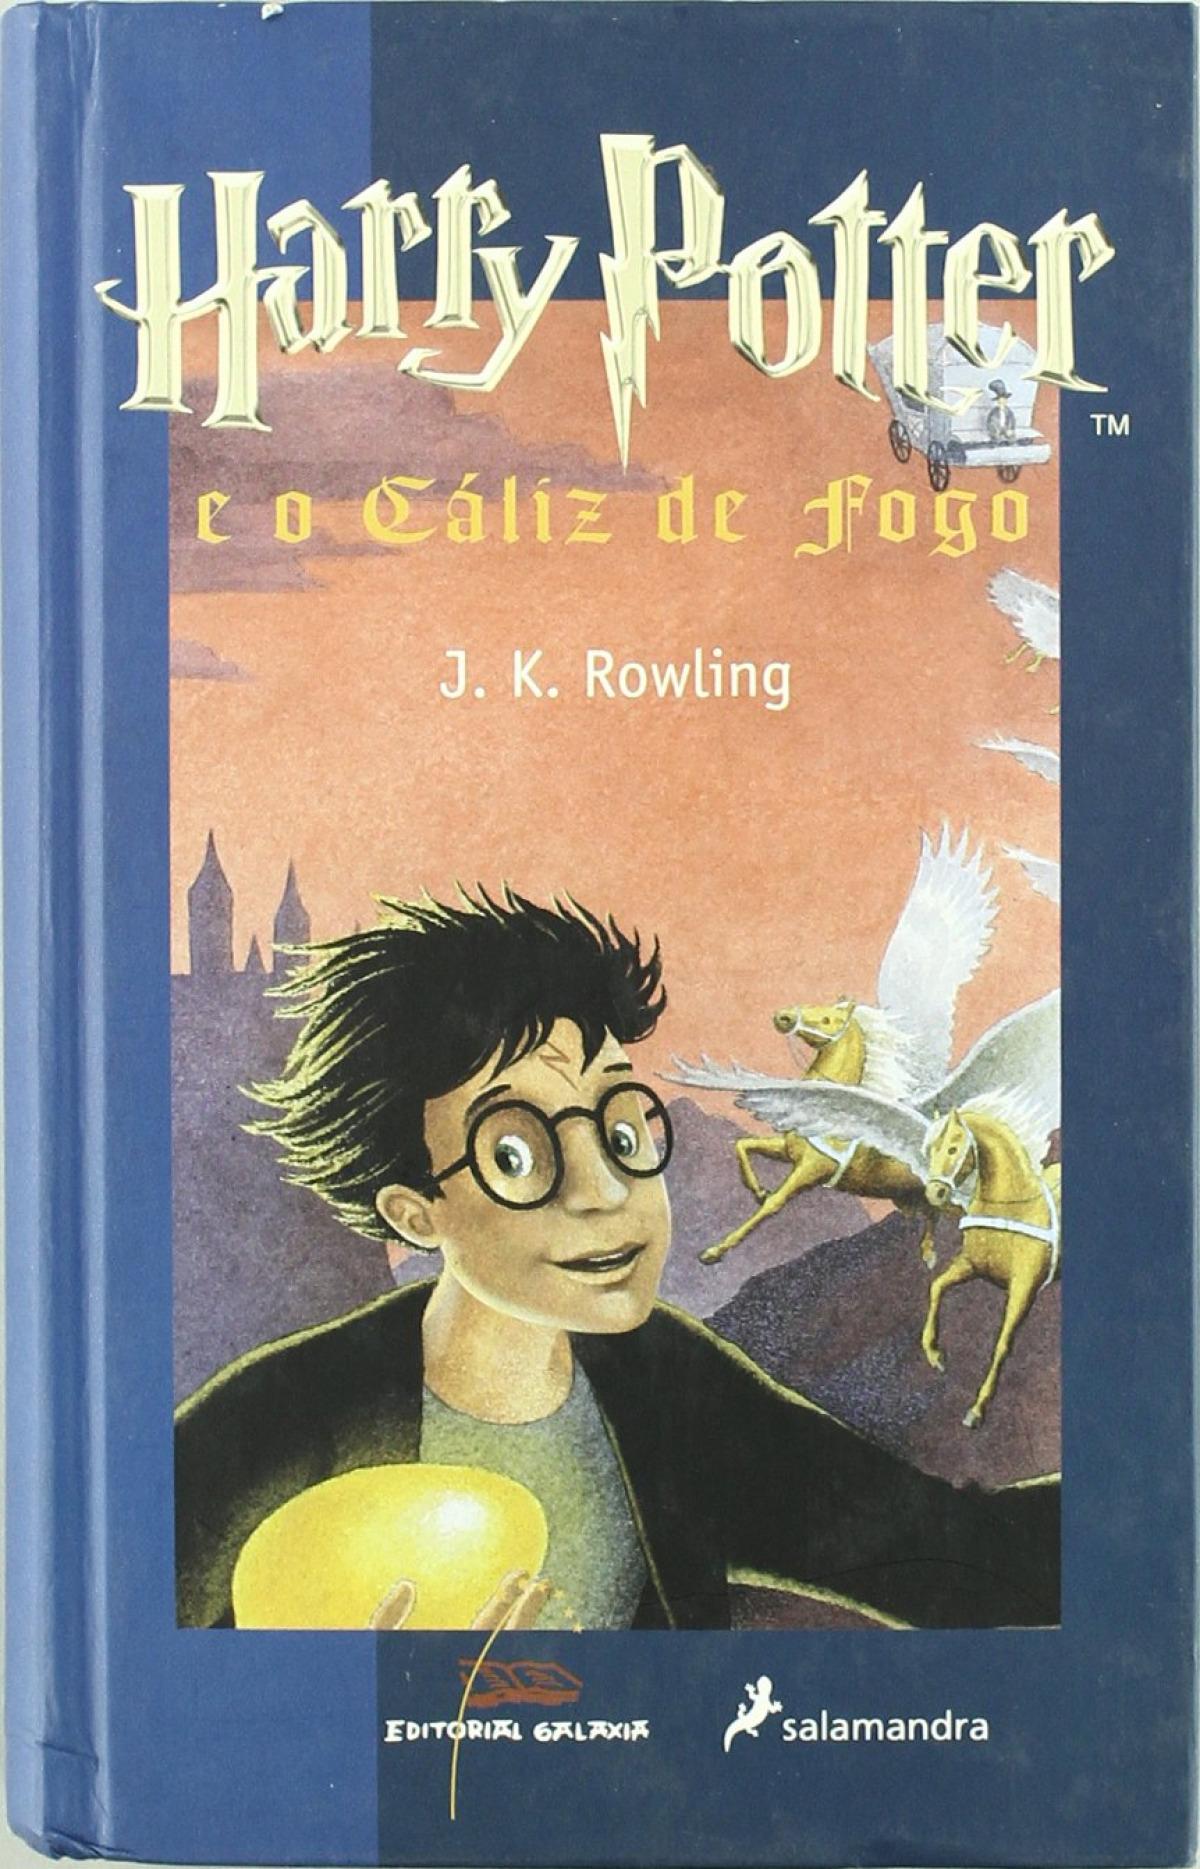 Harry Potter e o Cáliz de fogo - Rowling, J. K.